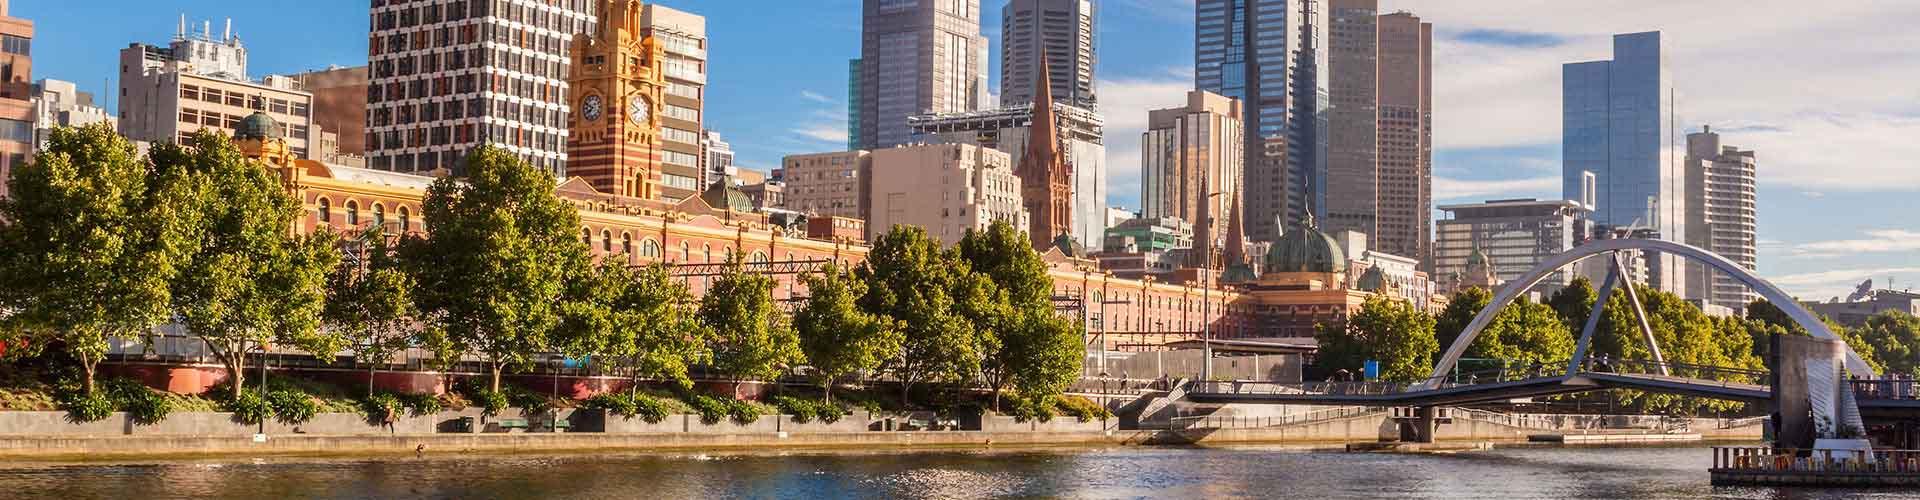 멜버른 - Melbourne지역에 위치한 호스텔. 멜버른의 지도, 멜버른에 위치한 호스텔에 대한 사진 및 리뷰.